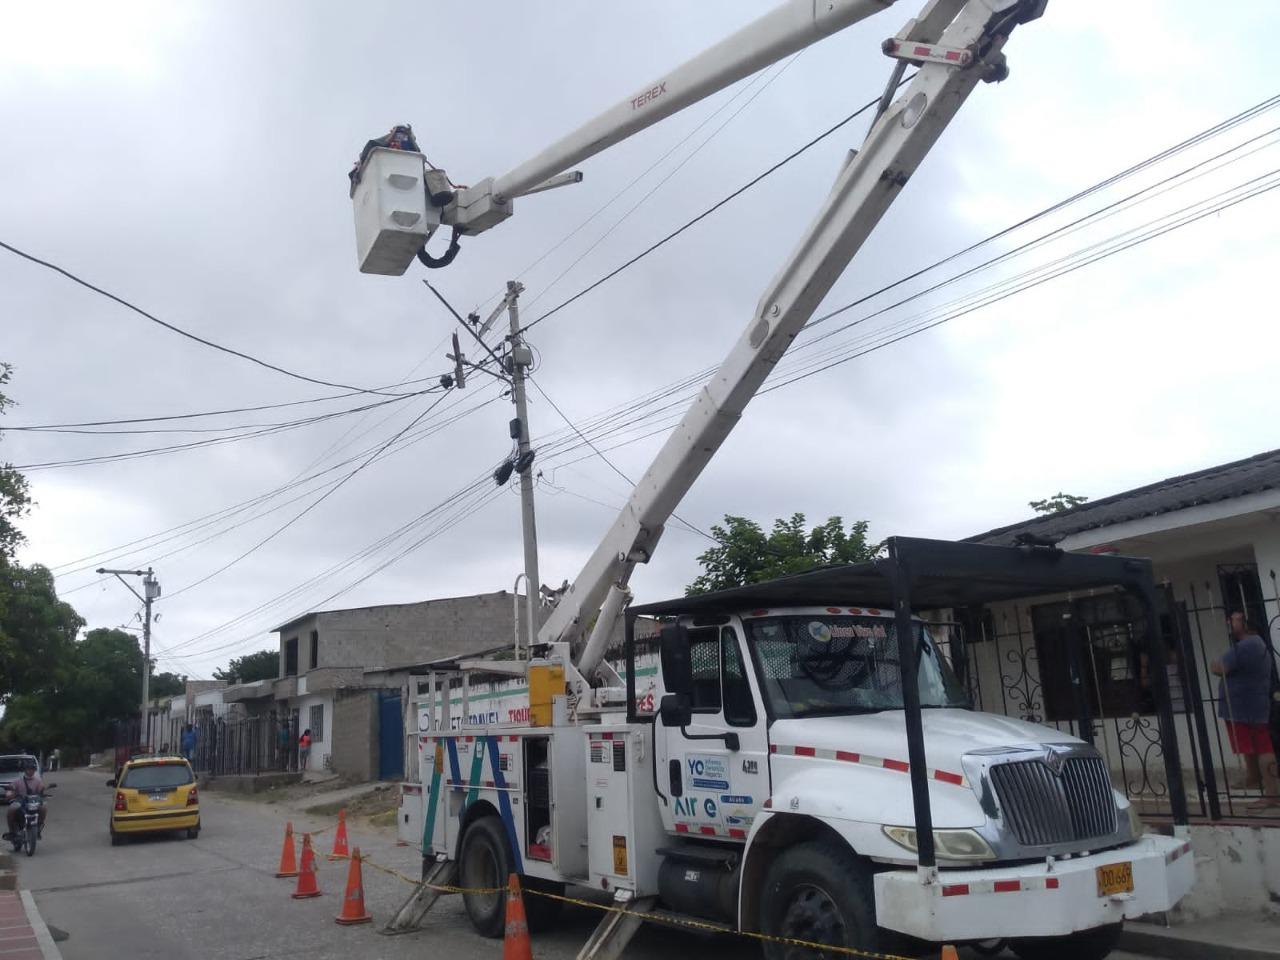 Trabajos de mejora de redes eléctricas en Los Andes y El Silencio este miércoles – @aire_energia